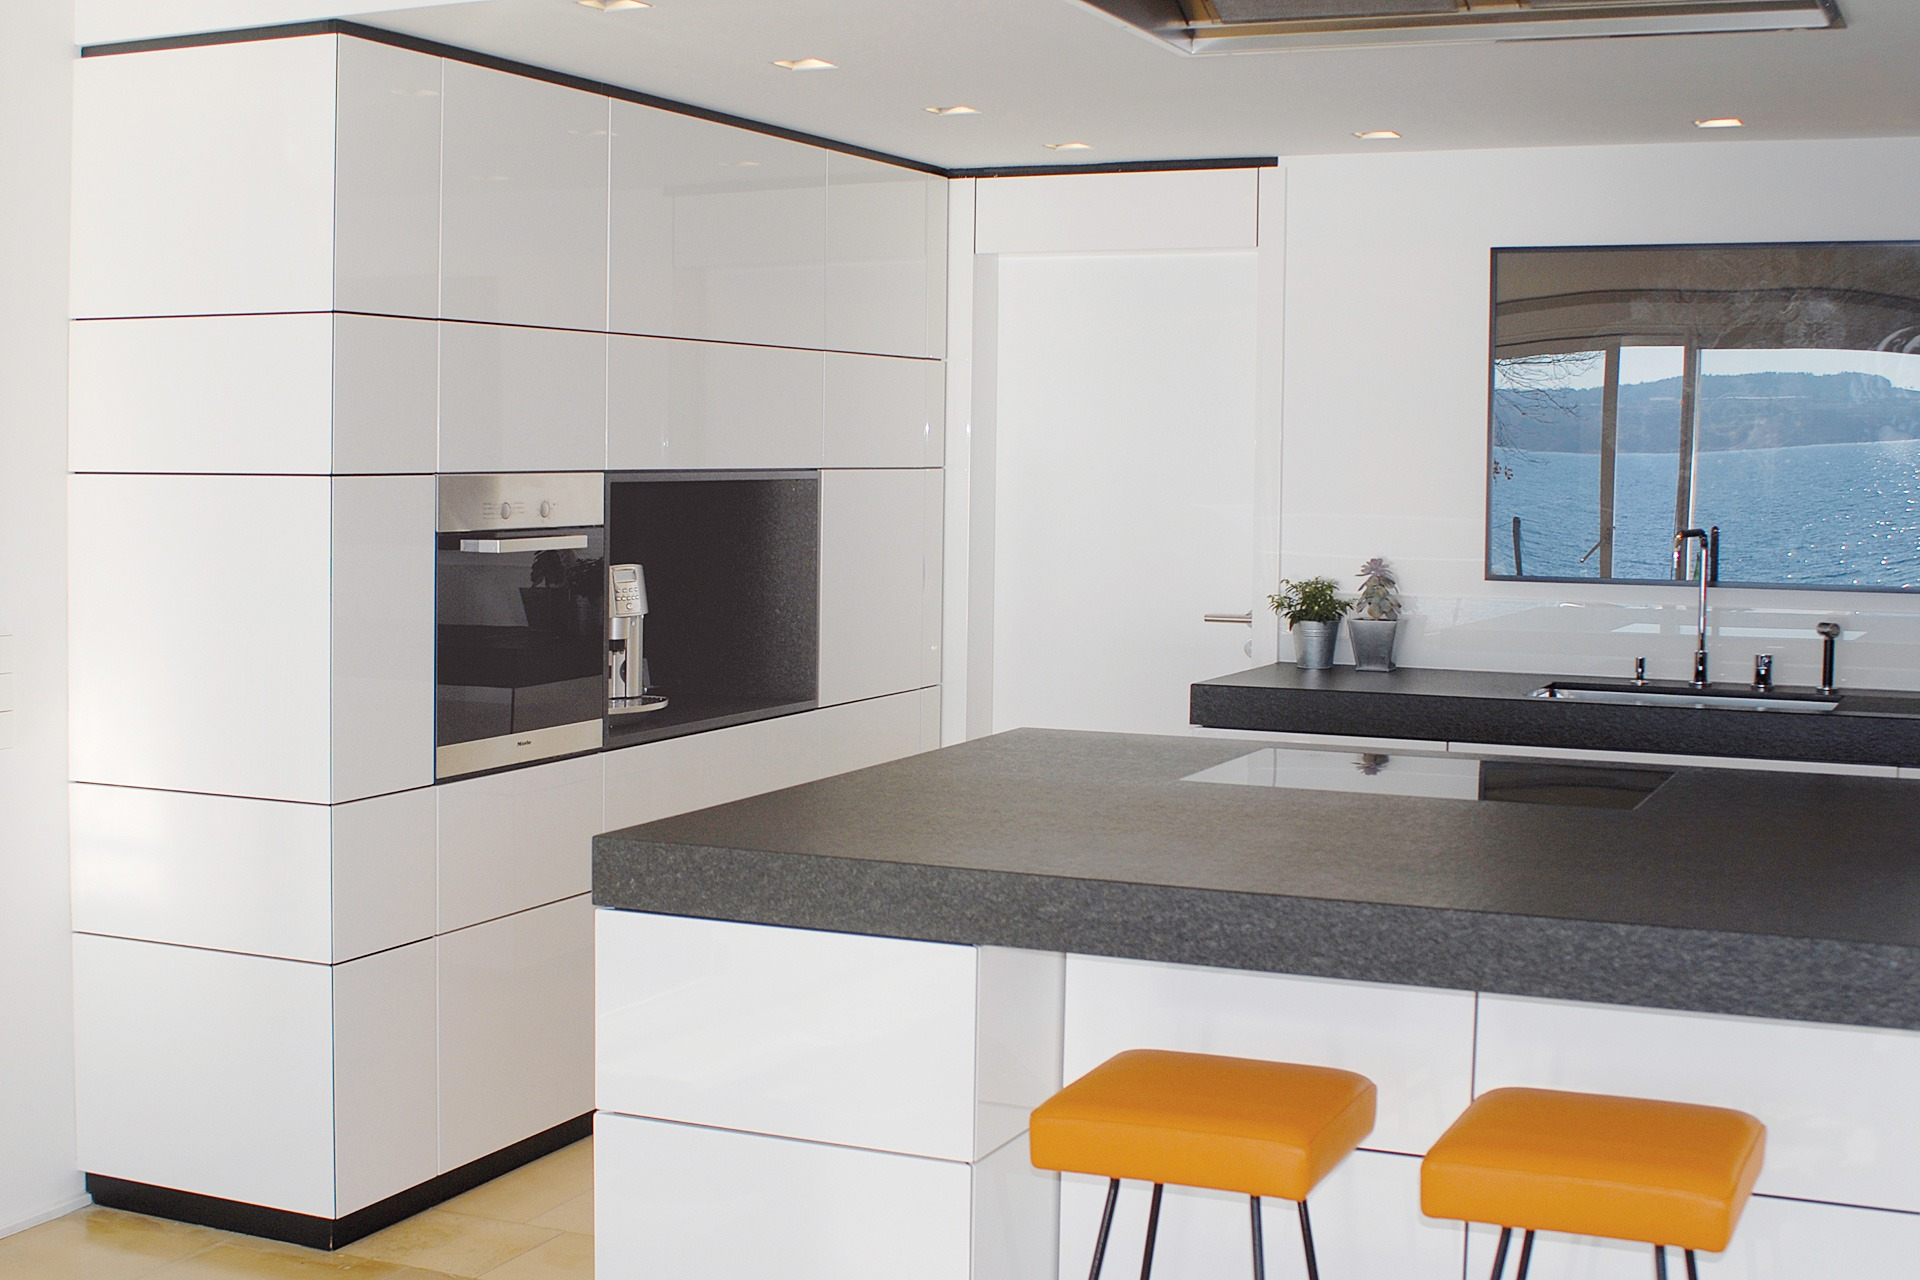 blogbeitrag k chen f r mehr m glichkeiten und ein gutes gef hl. Black Bedroom Furniture Sets. Home Design Ideas